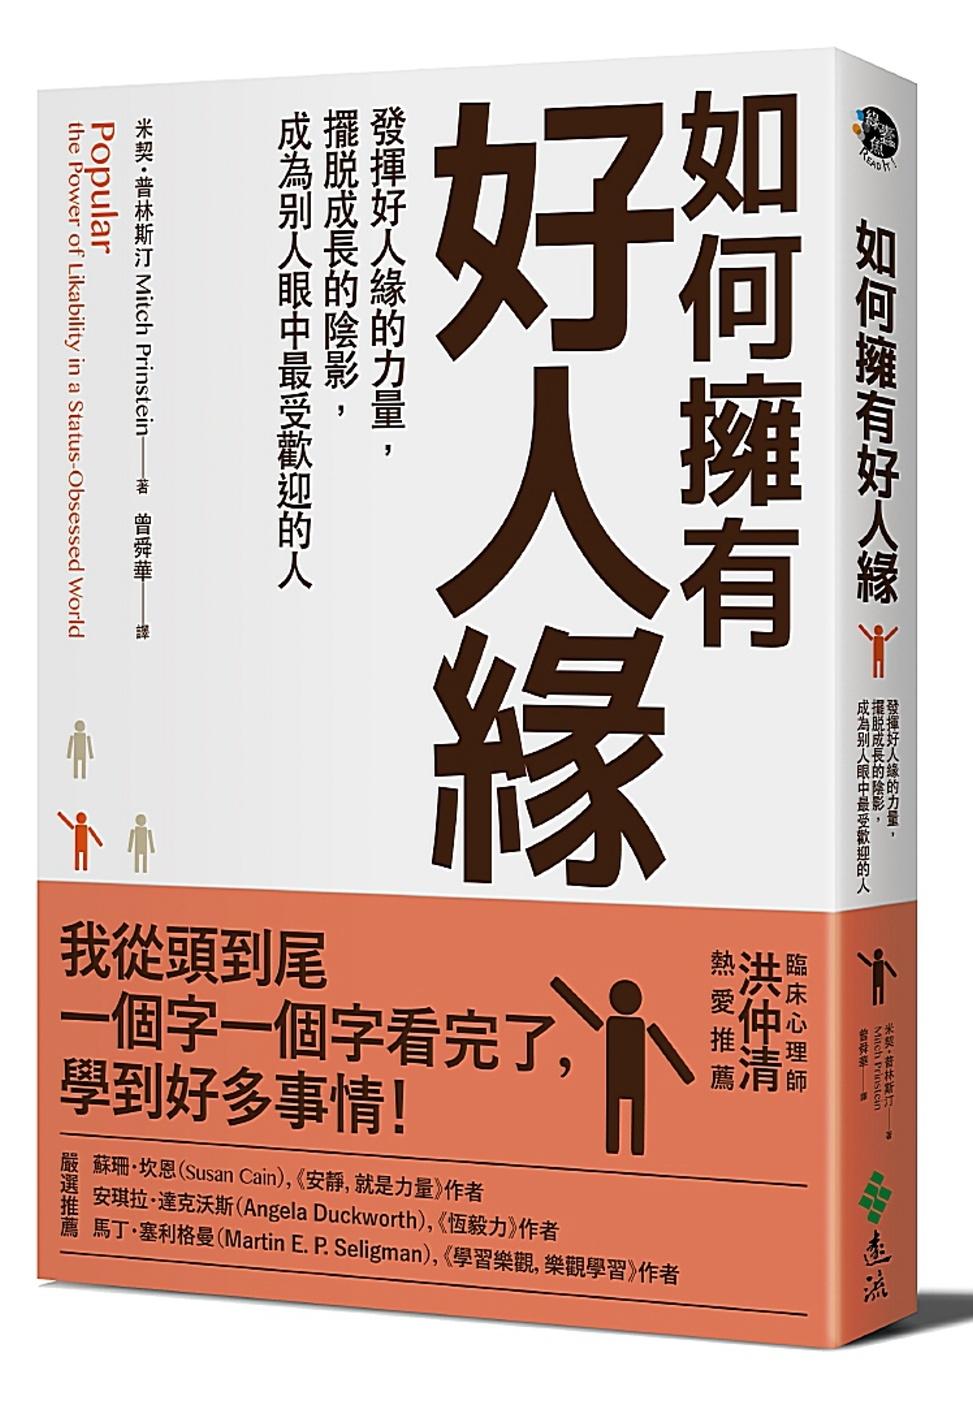 《如何擁有好人緣:發揮好人緣的力量,擺脫成長的陰影,成為別人眼中最受歡迎的人》 商品條碼,ISBN:9789573282167